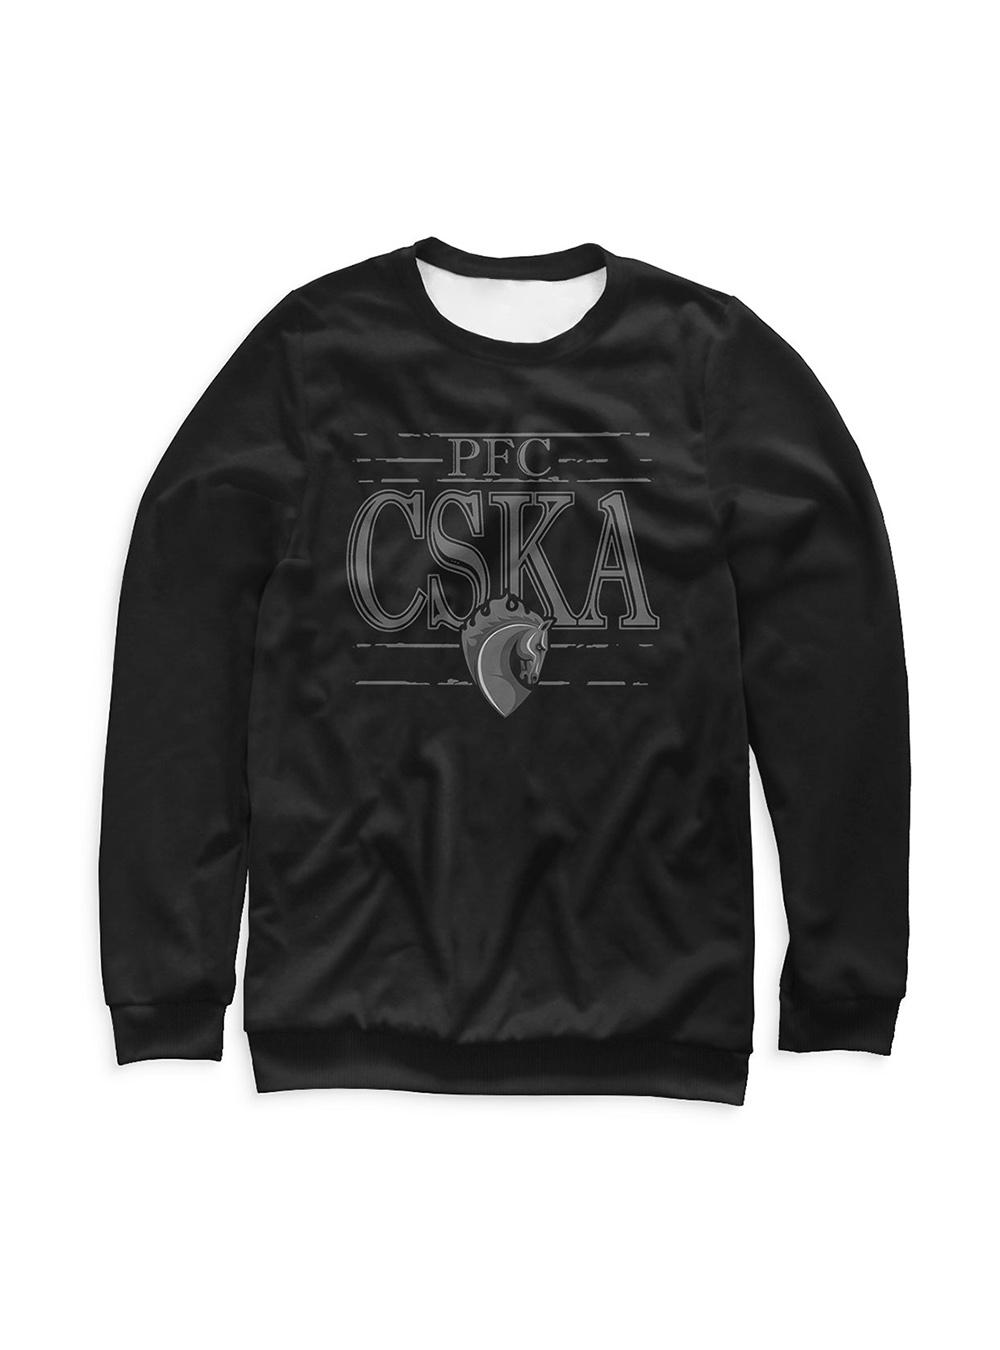 Купить Свитшот детский «PFC CSKA. Талисман», цвет черный (110) по Нижнему Новгороду